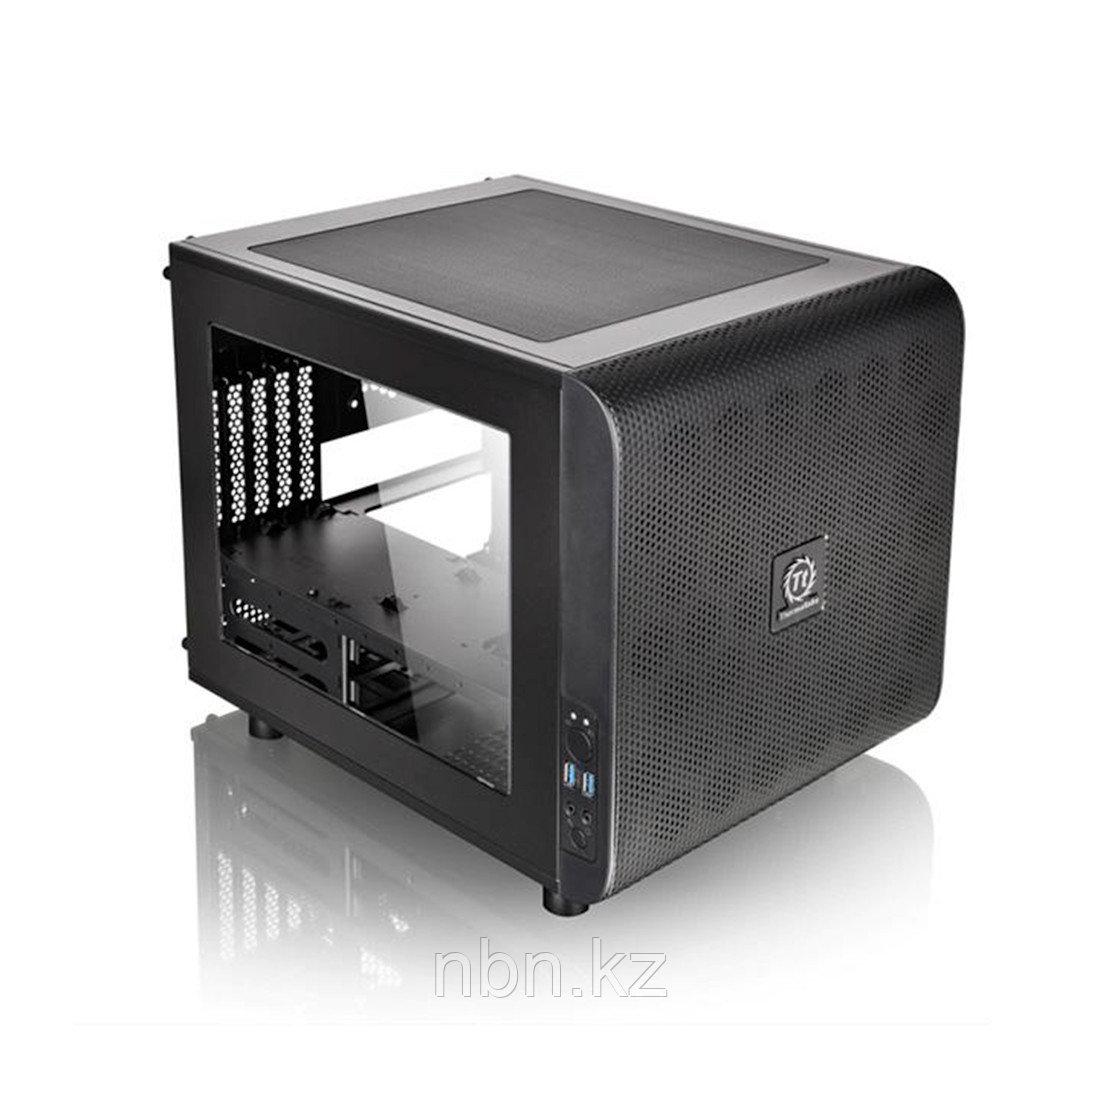 Компьютерный корпус Thermaltake Core V21 без Б/П